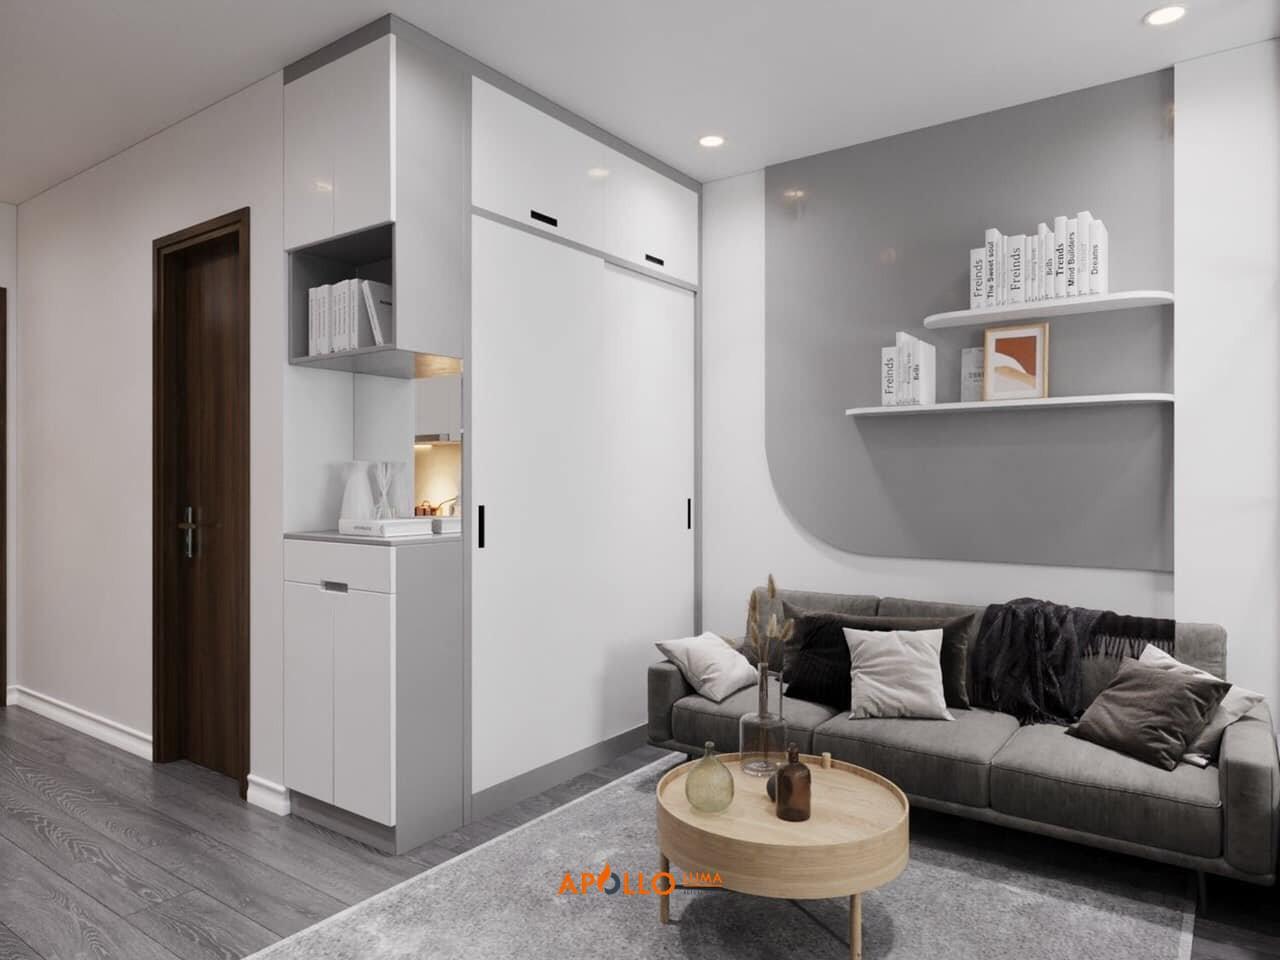 Mẫu thiết kế nội thất căn hộ Studio Vinhomes Ocean Park